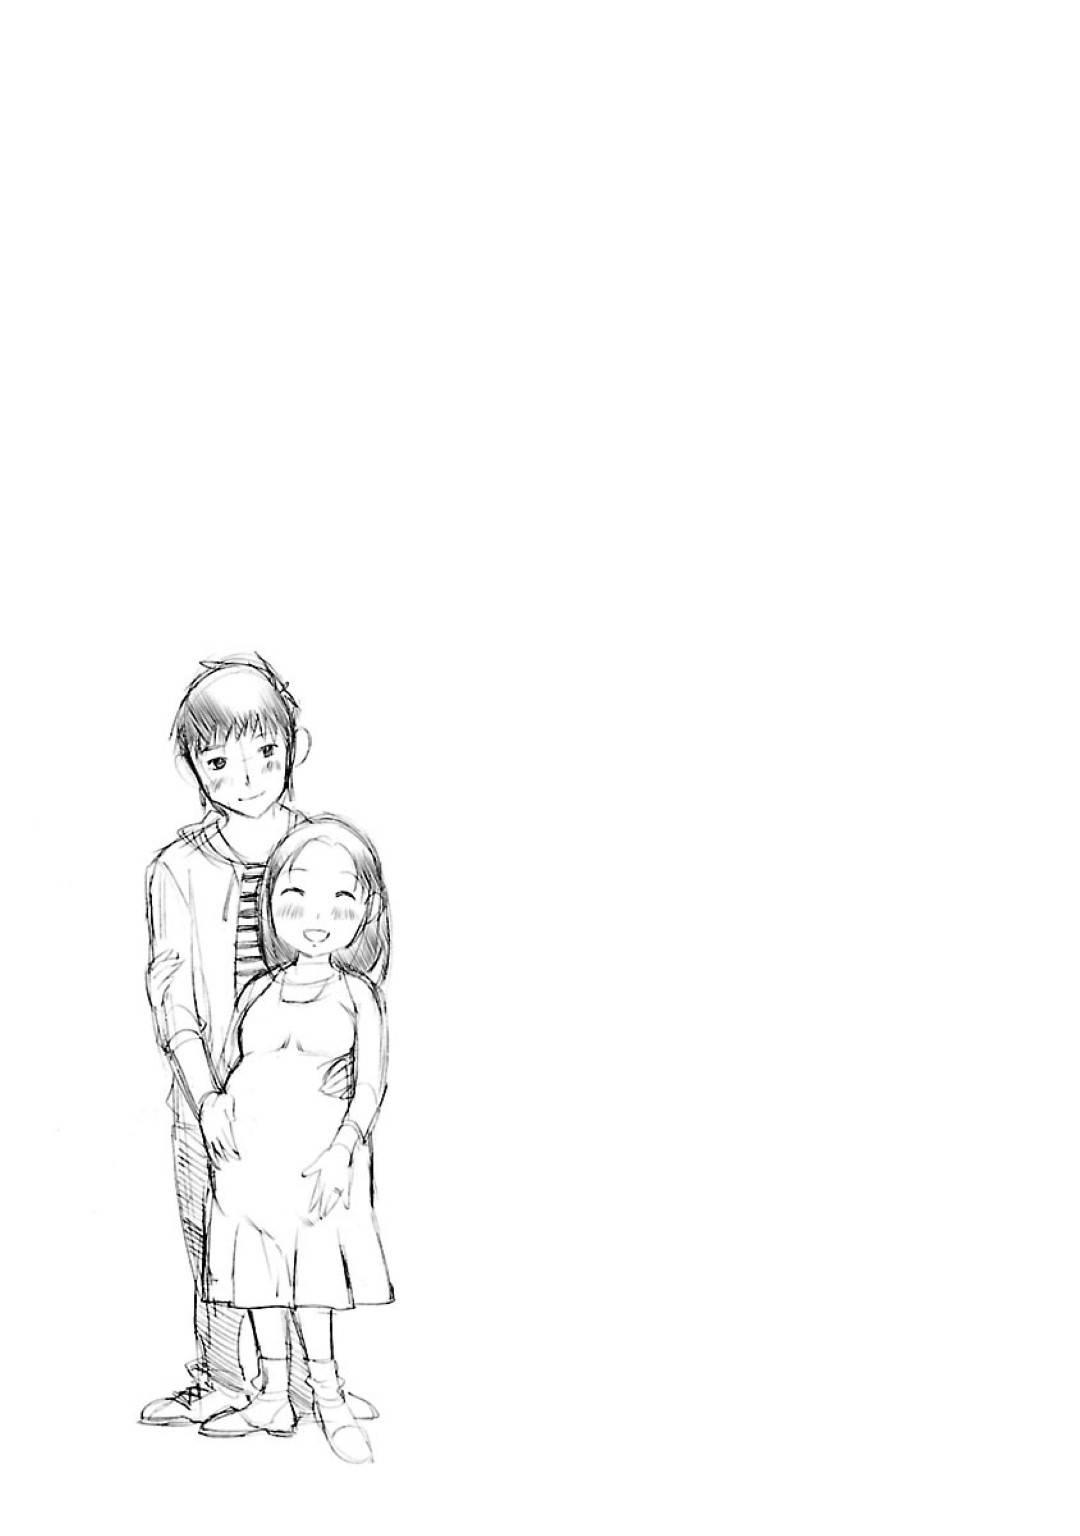 夫の友達に言い寄られて浮気してしまったものの最終的に夫の元に帰った人妻…お風呂で夫とイチャラブ上書きセックスで何度も突かれて同時イキ!【みき姫:のぞみのまんま第9話】